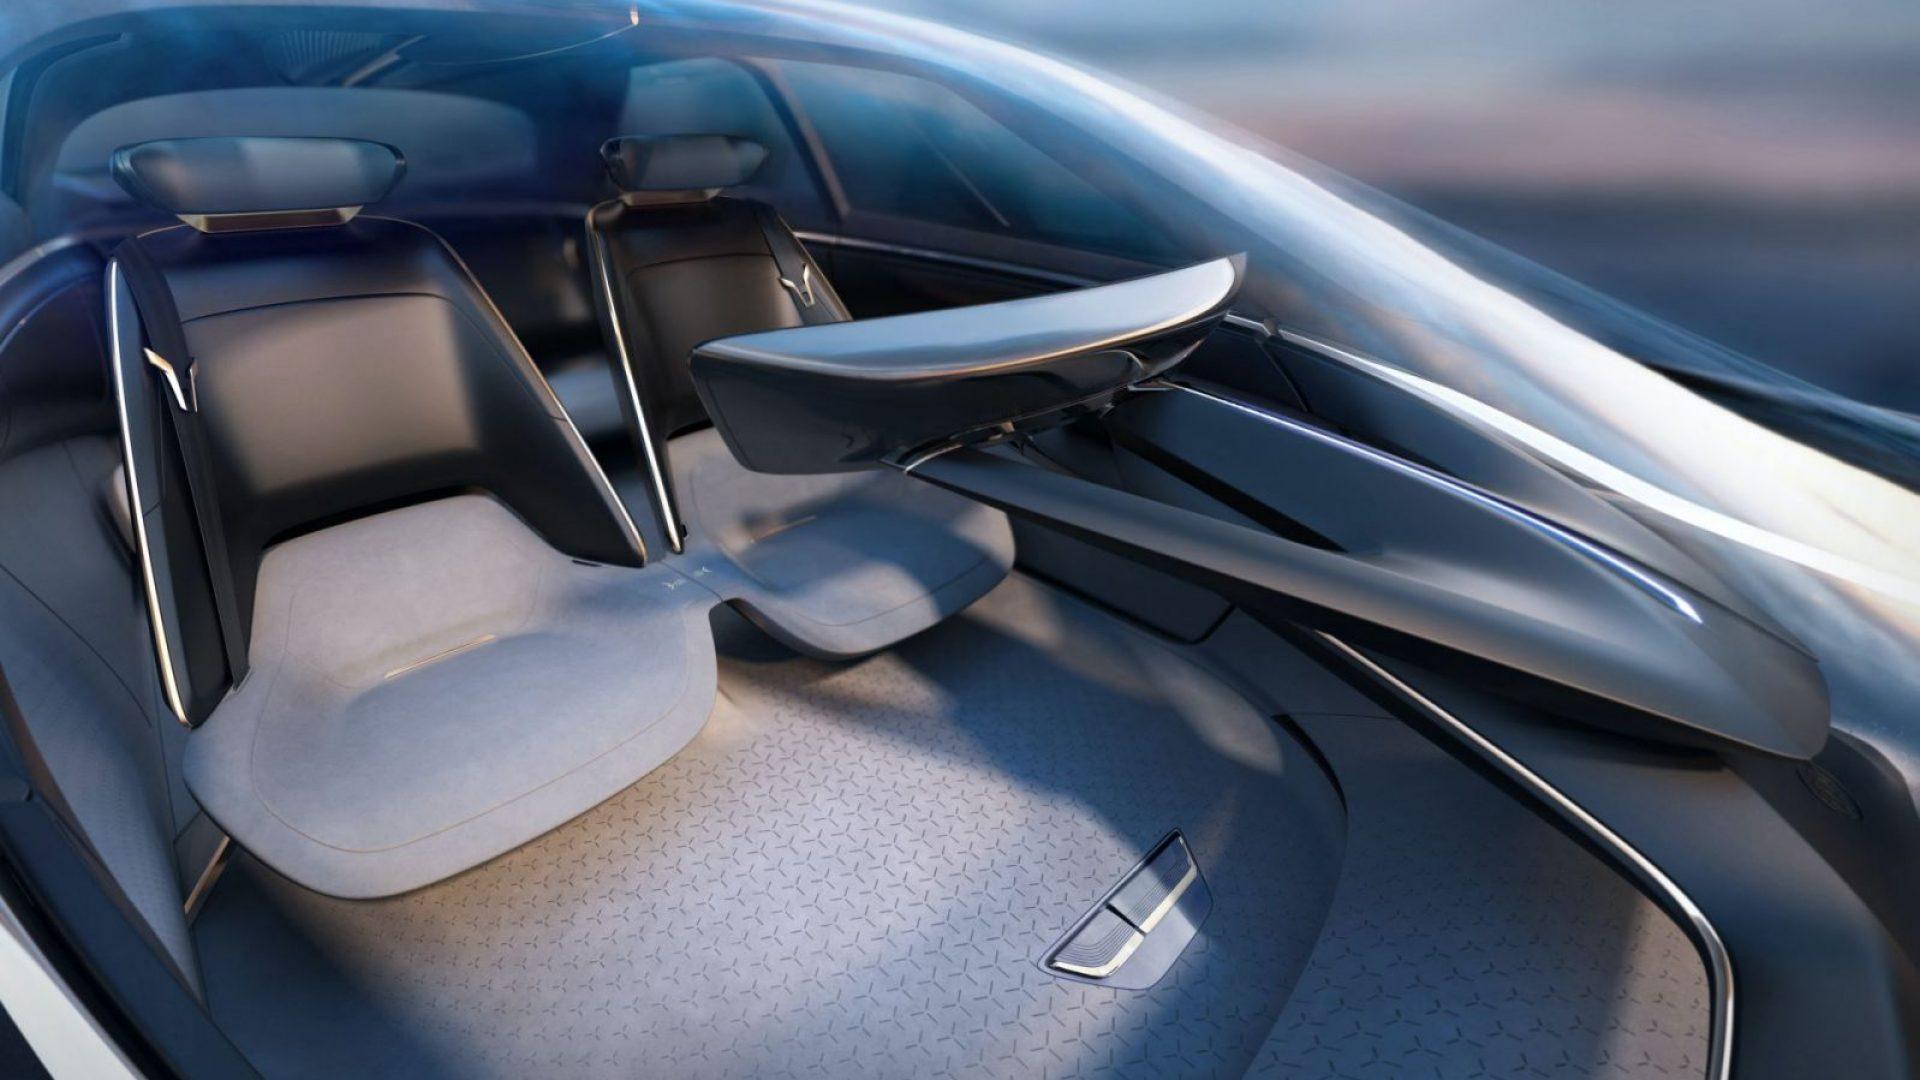 2020-Buick-Electra-Concept-Interior-05